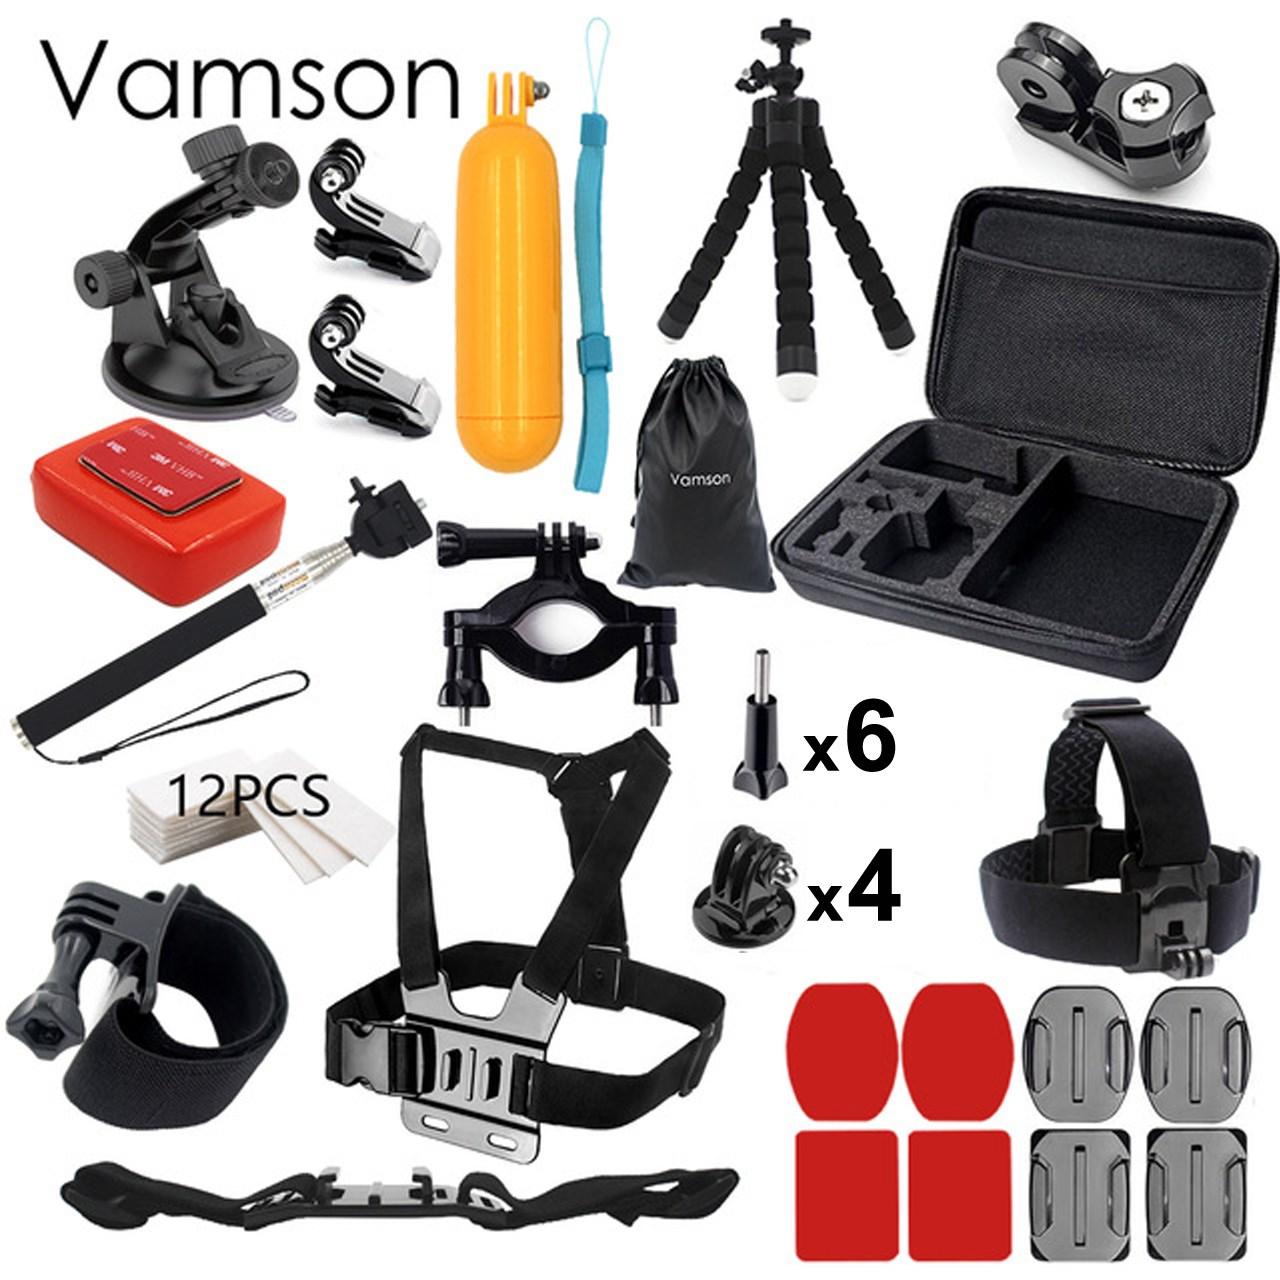 کیف لوازم جانبی ومسان مدل 45 تکه مناسب برای دوربین های ورزشی گوپرو و شیائومی و سونی